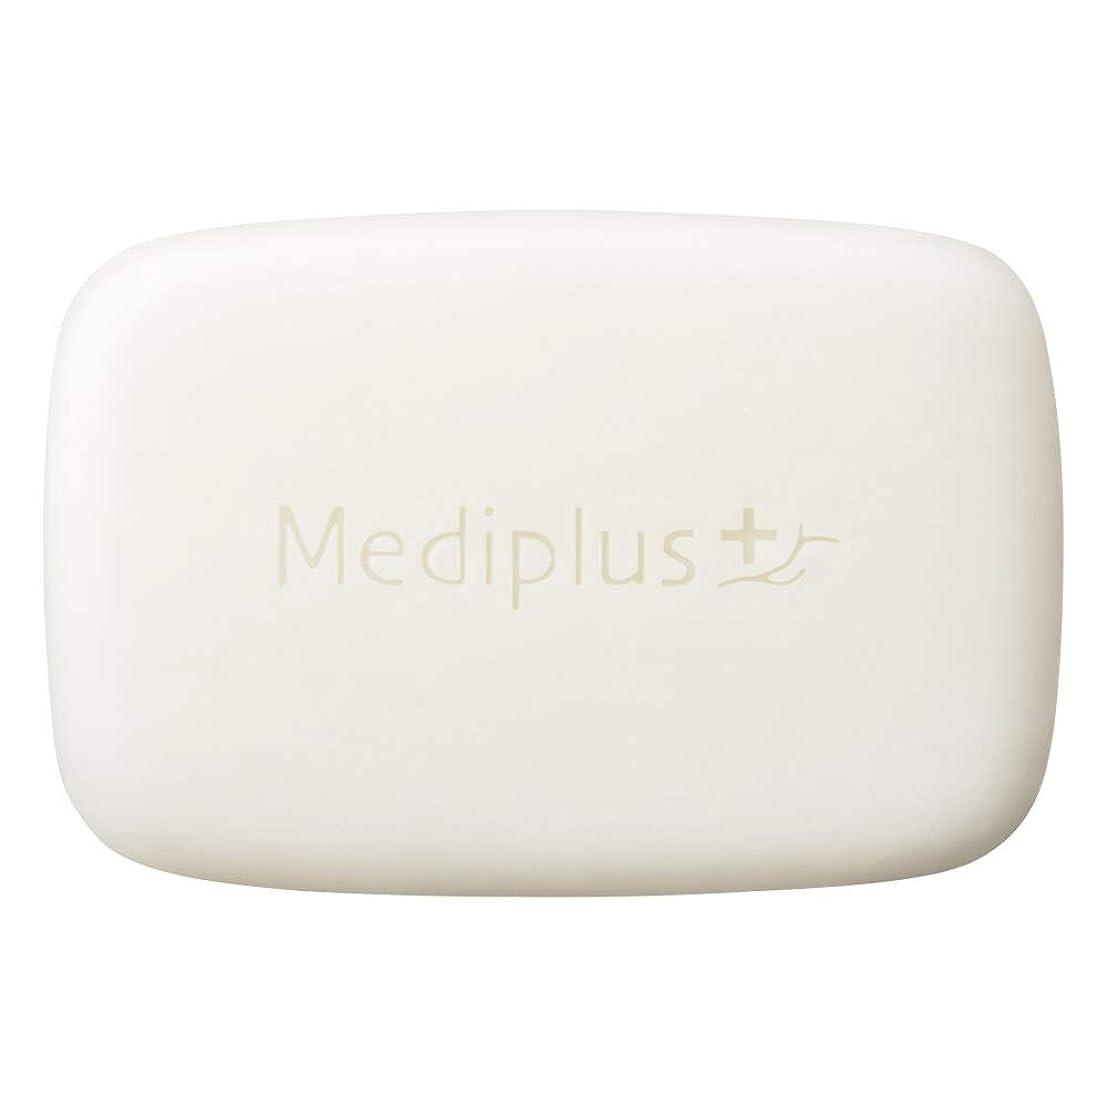 サスペンド貞明確なmediplus メディプラス オイルクリームソープ 60g(約2か月分)